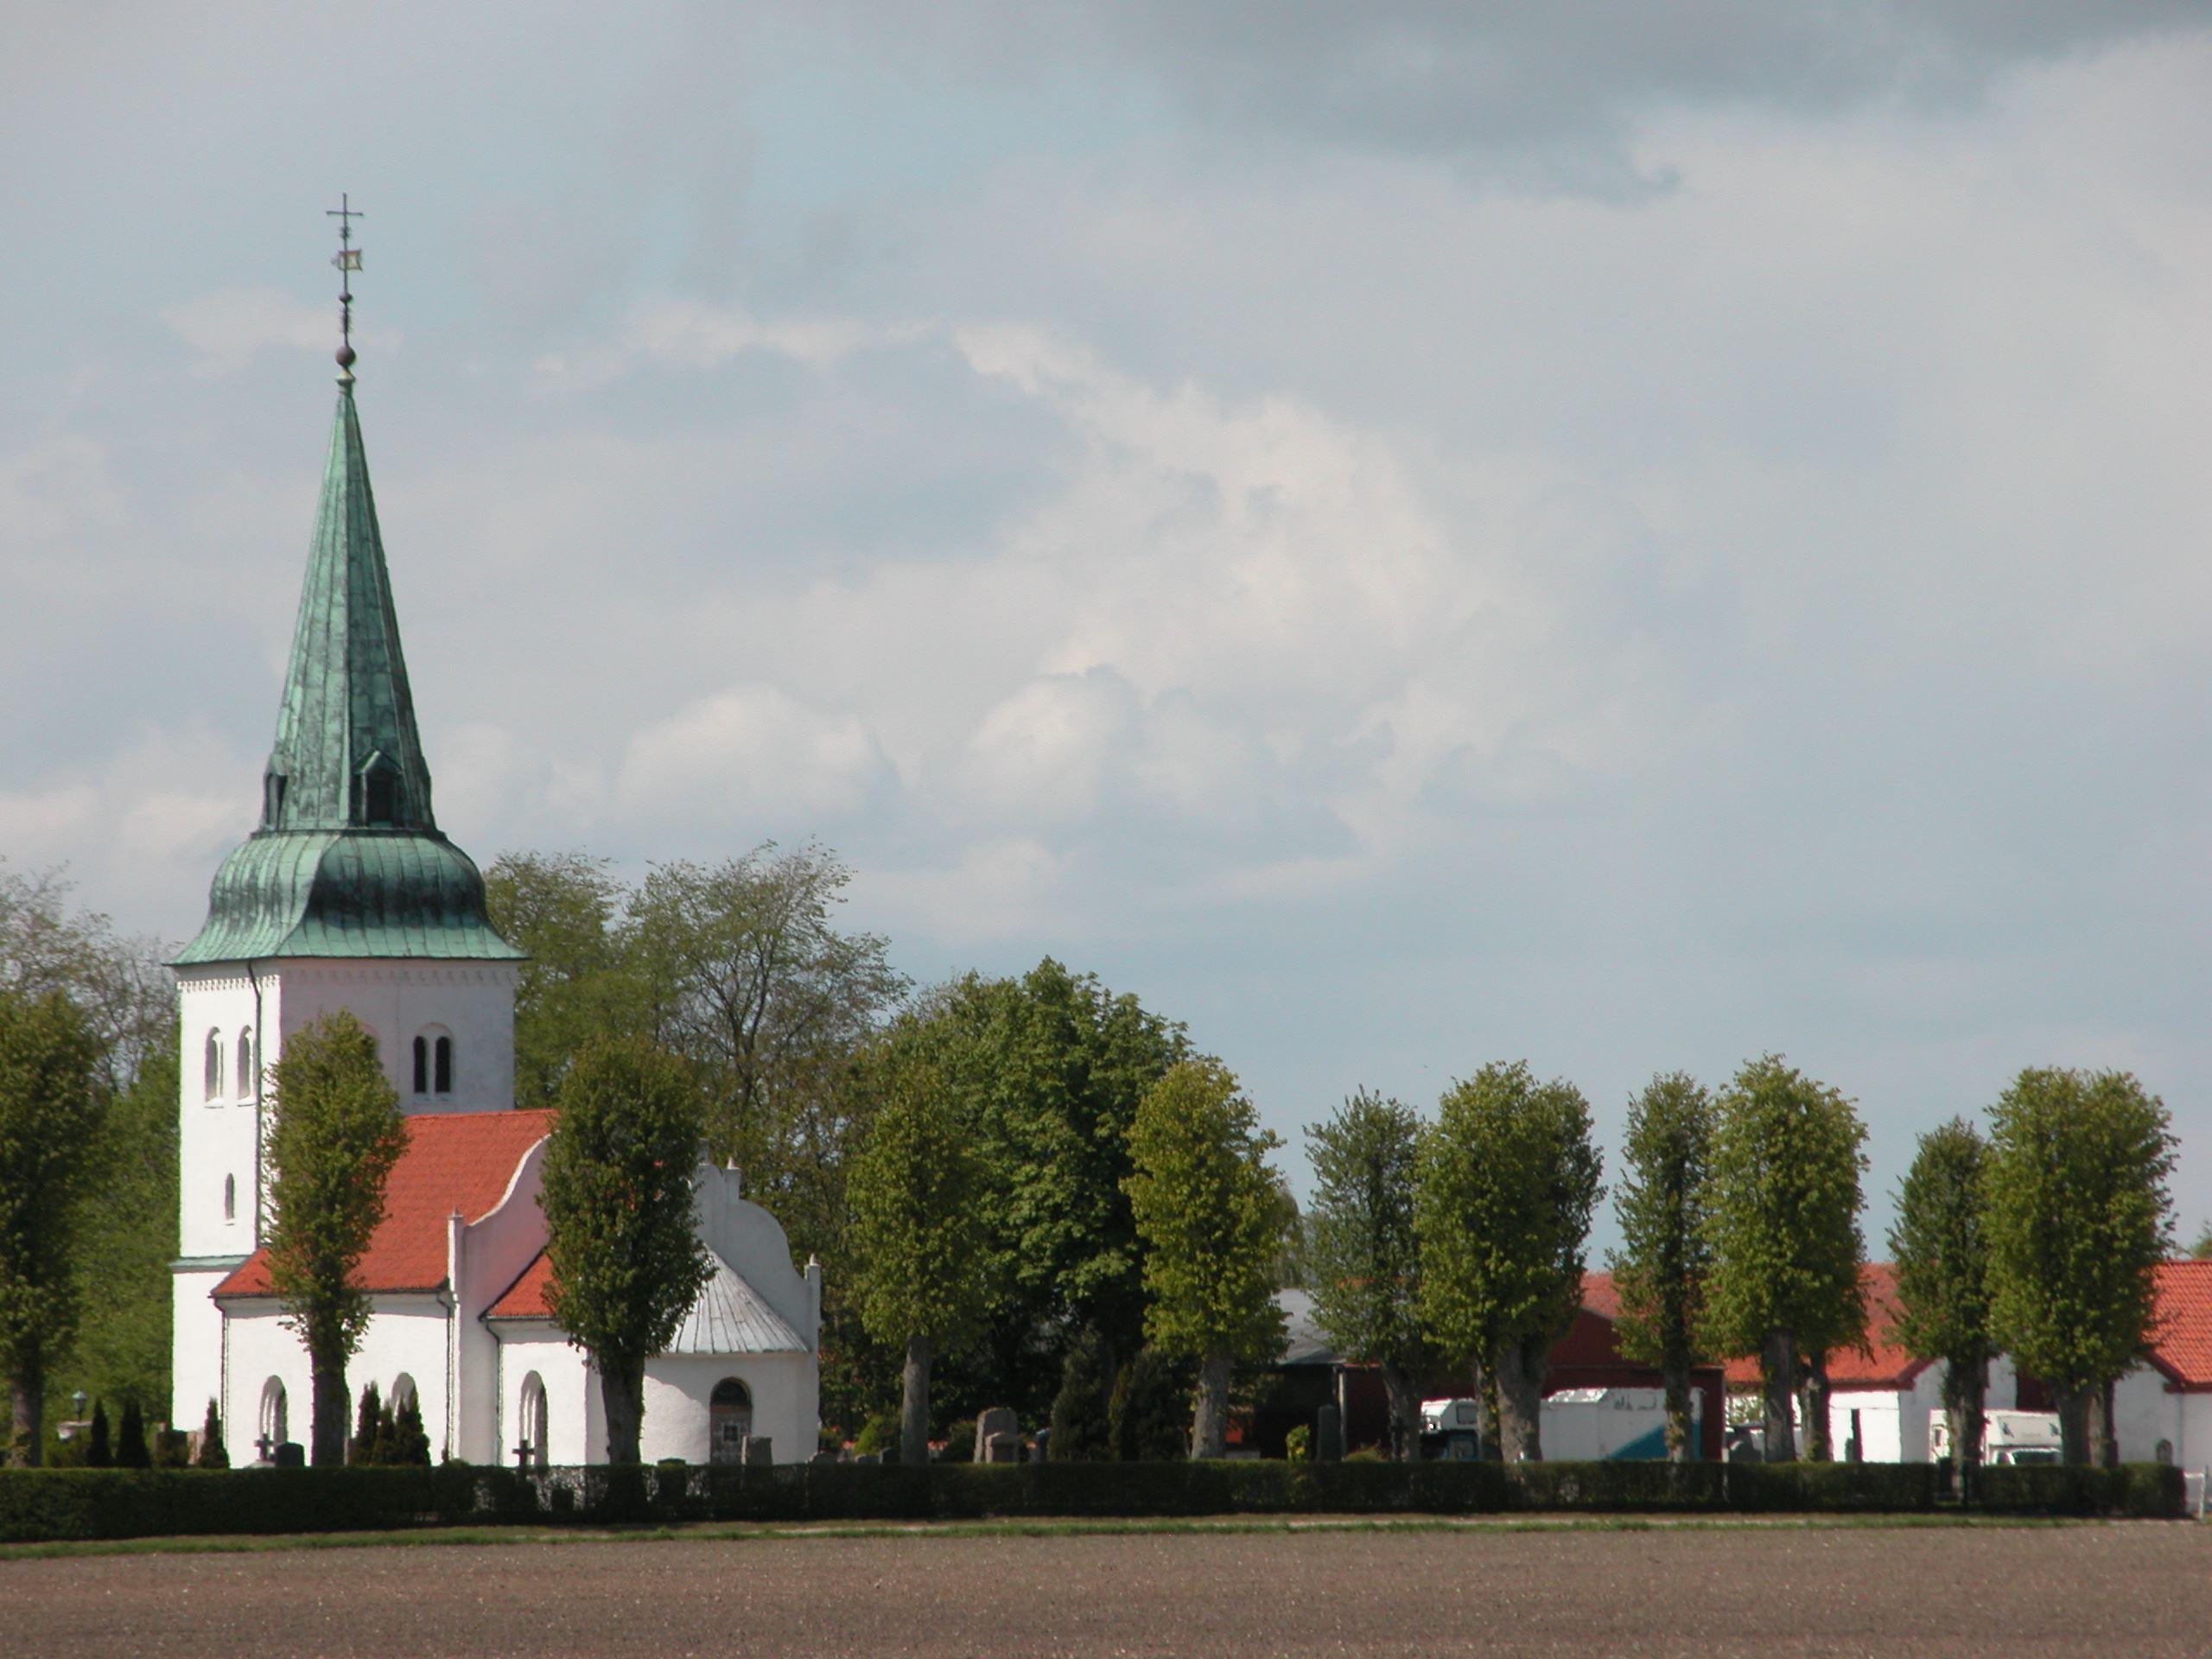 Västra Tommarps kyrka uppfördes omkring år 1200 och är byggd i grov flintsten